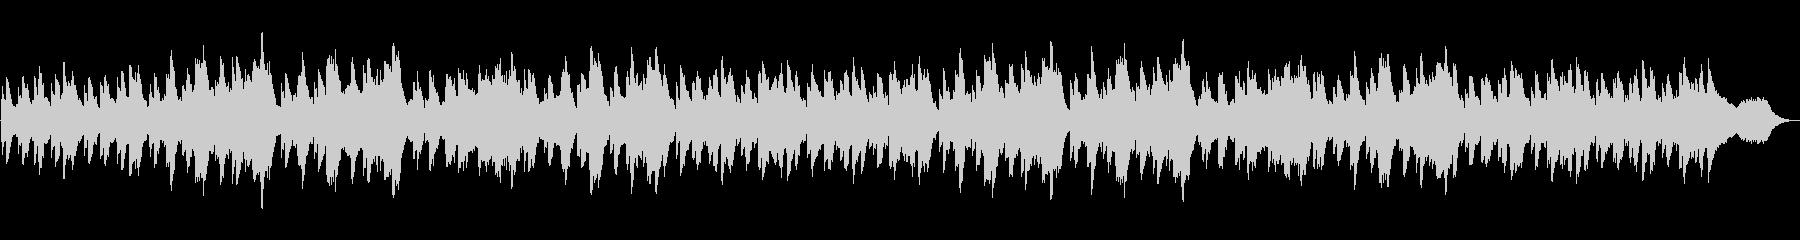 科学/分析/検証をイメージしたBGM_1の未再生の波形